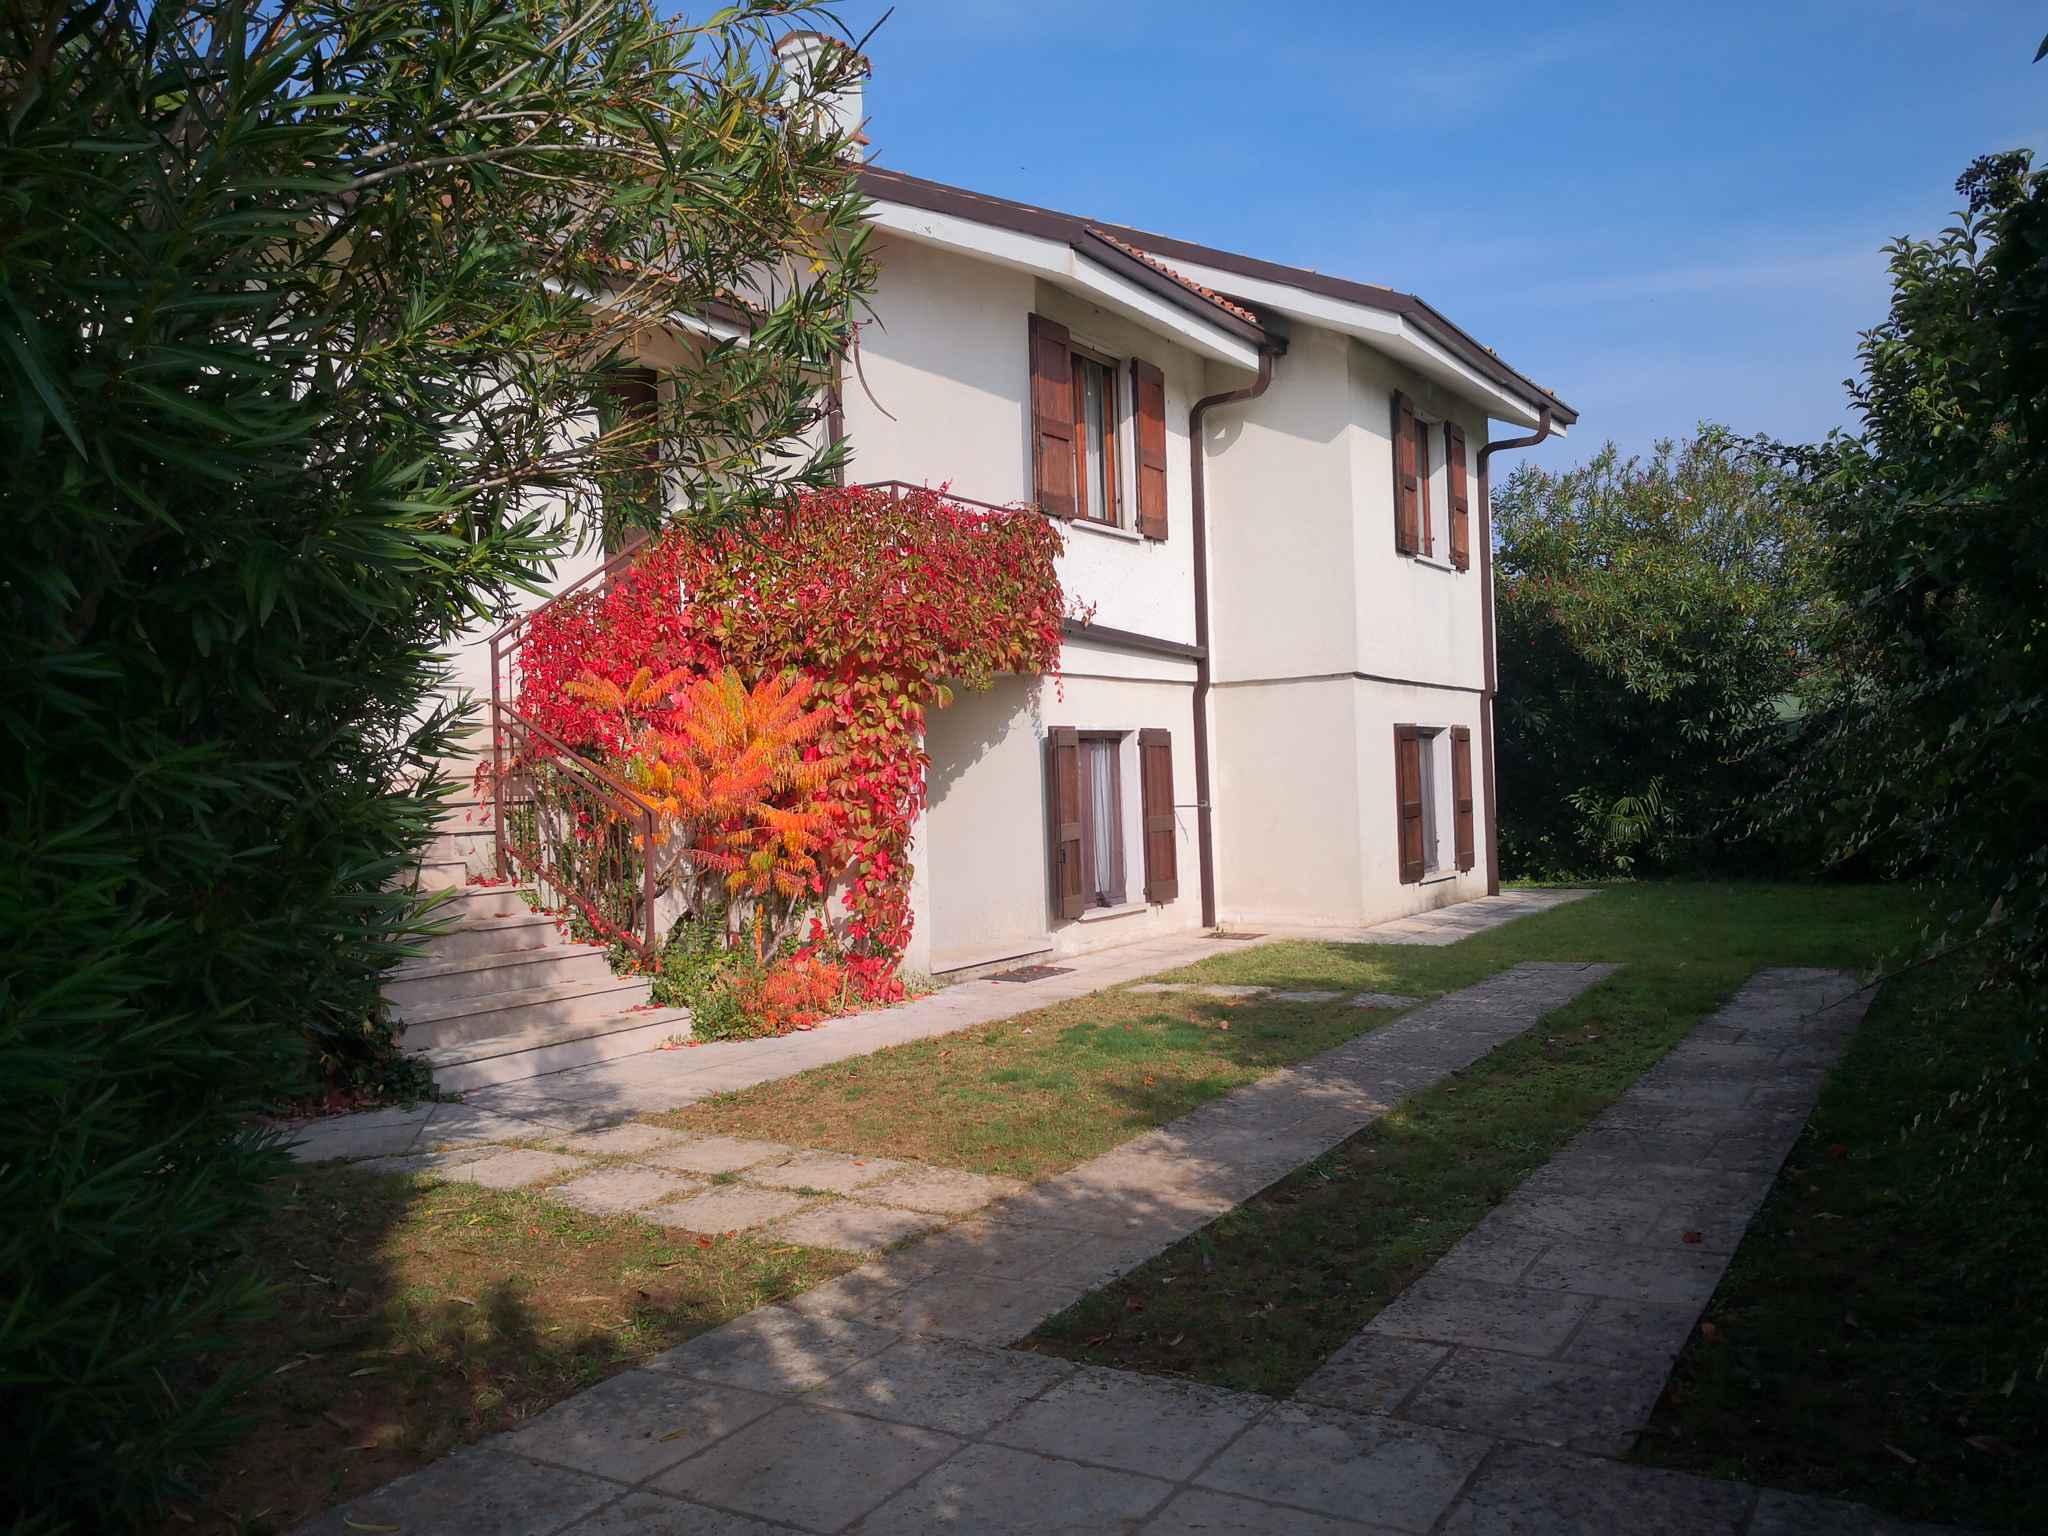 Ferienhaus con terrazza e piscina (491823), Lazise, Gardasee, Venetien, Italien, Bild 1